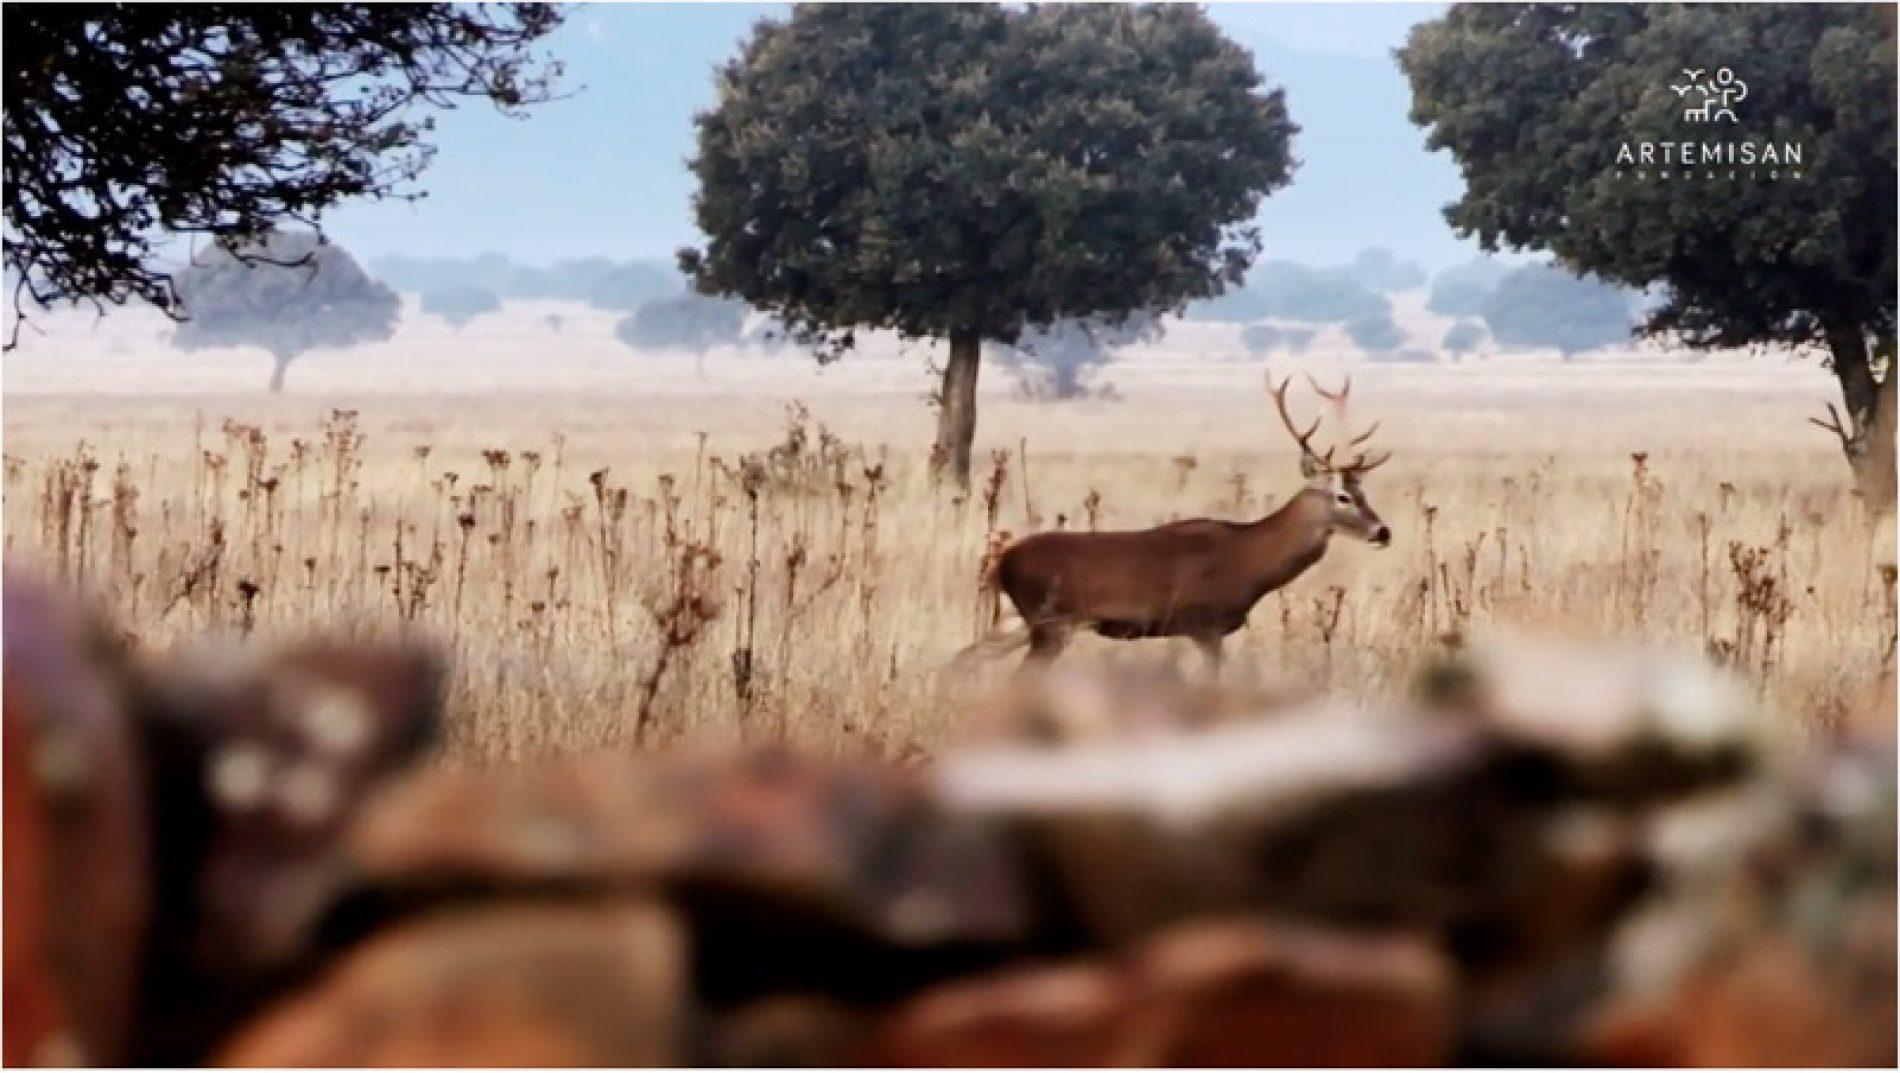 La Covid-19 provoca un descenso de los permisos de caza expedidos en 2020